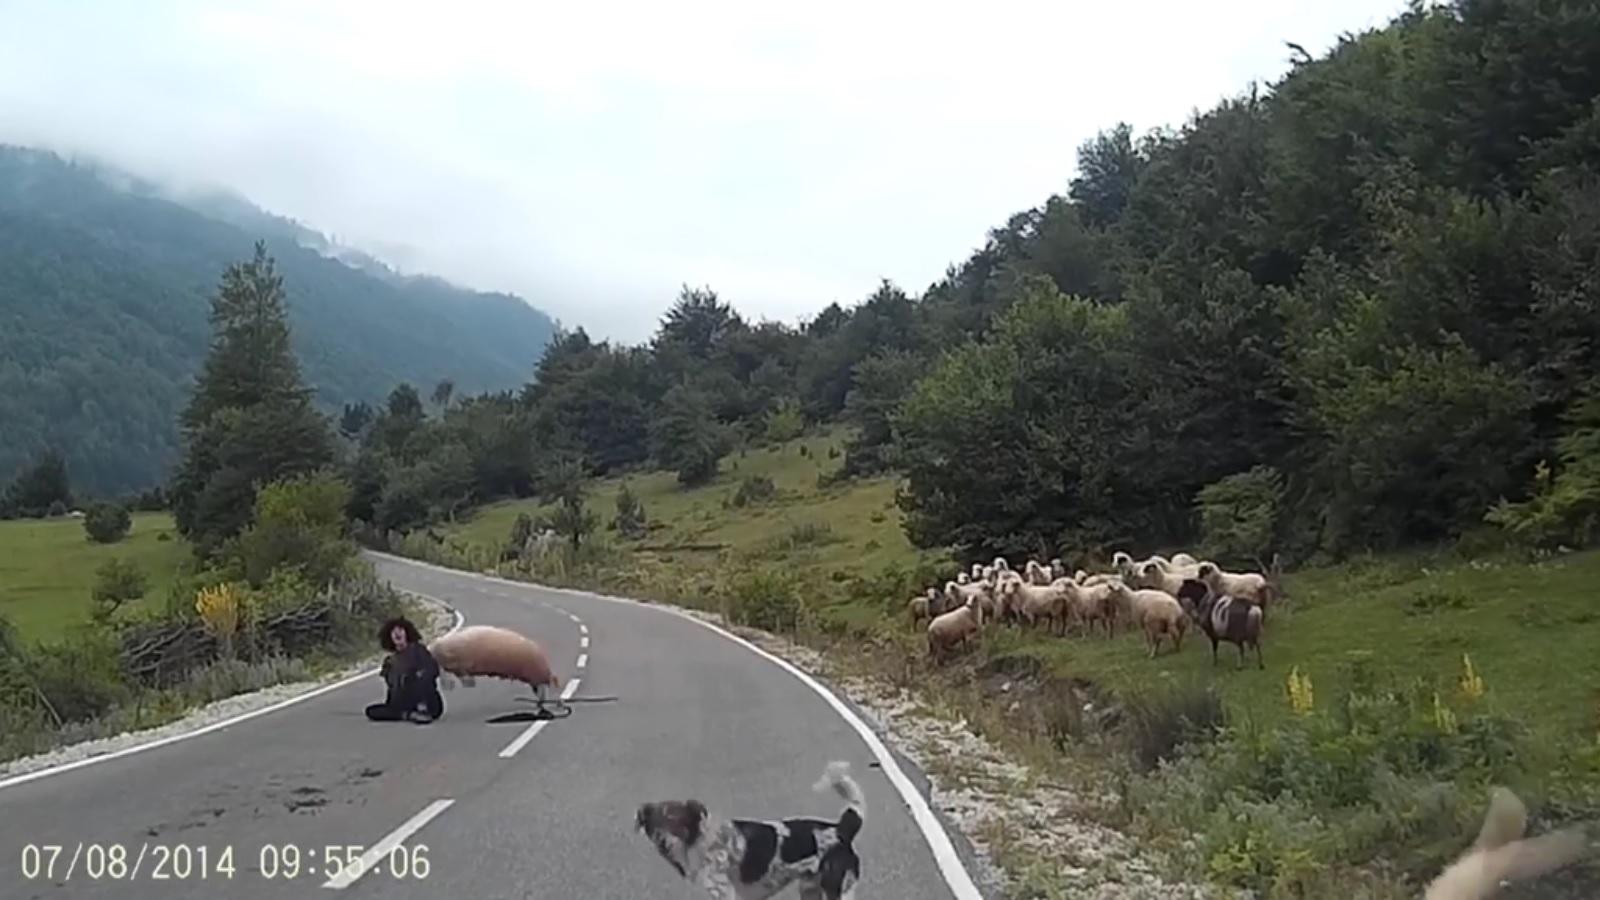 Cừu hung hãn húc ngã người chăn như trút hận thù - ảnh 2